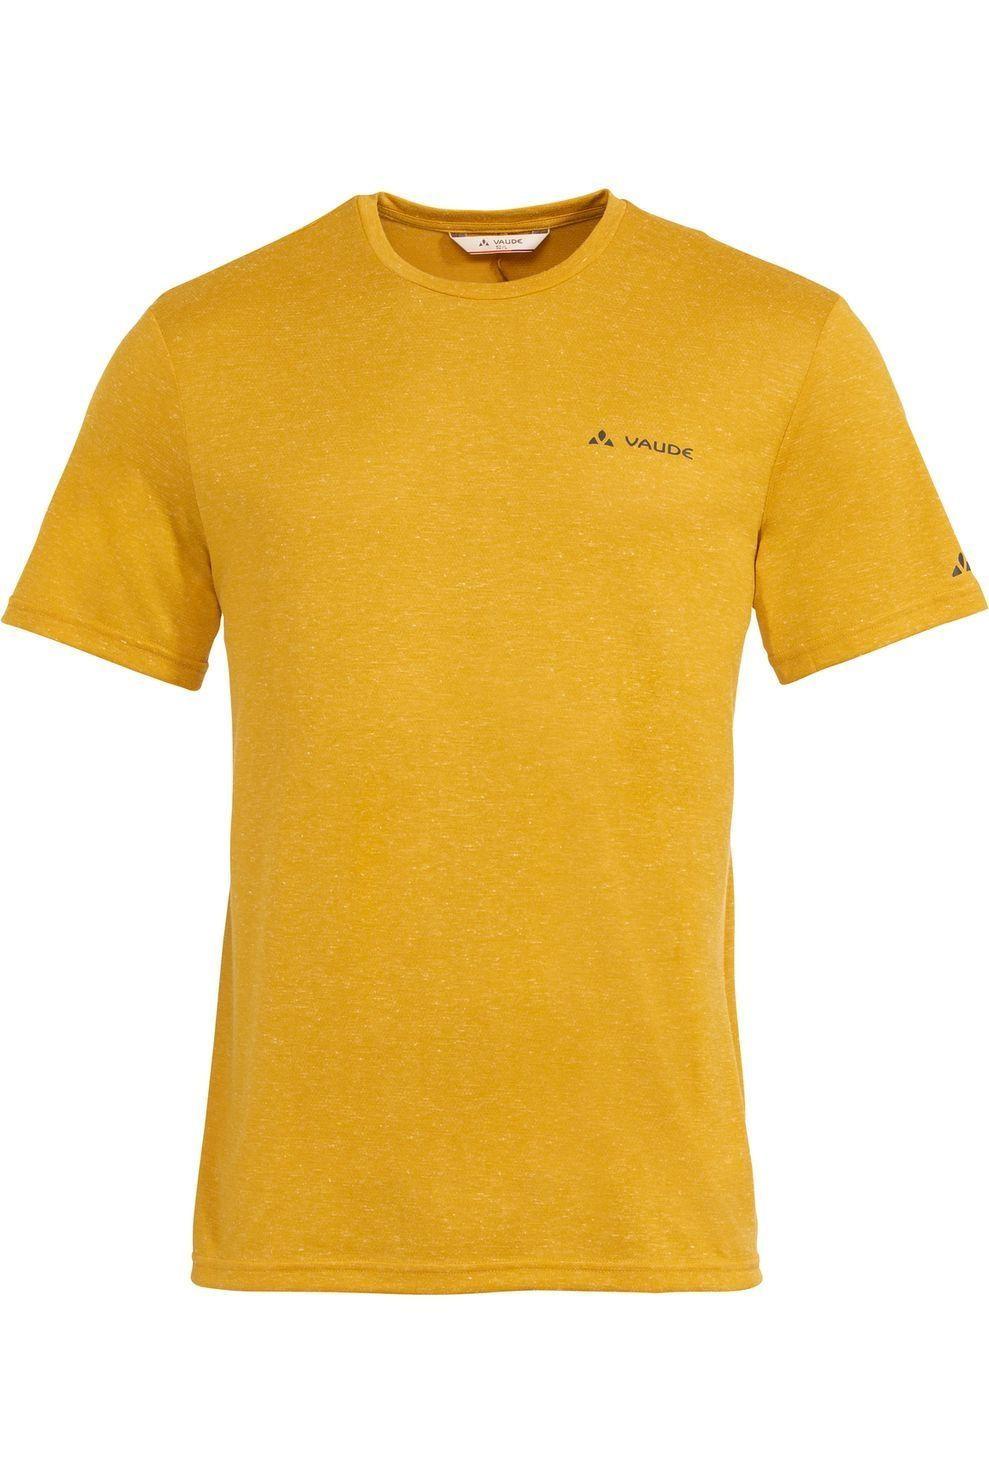 VAUDE T-Shirt Mineo Hemp voor heren - Geel - Maten: M, L, XL, XXL